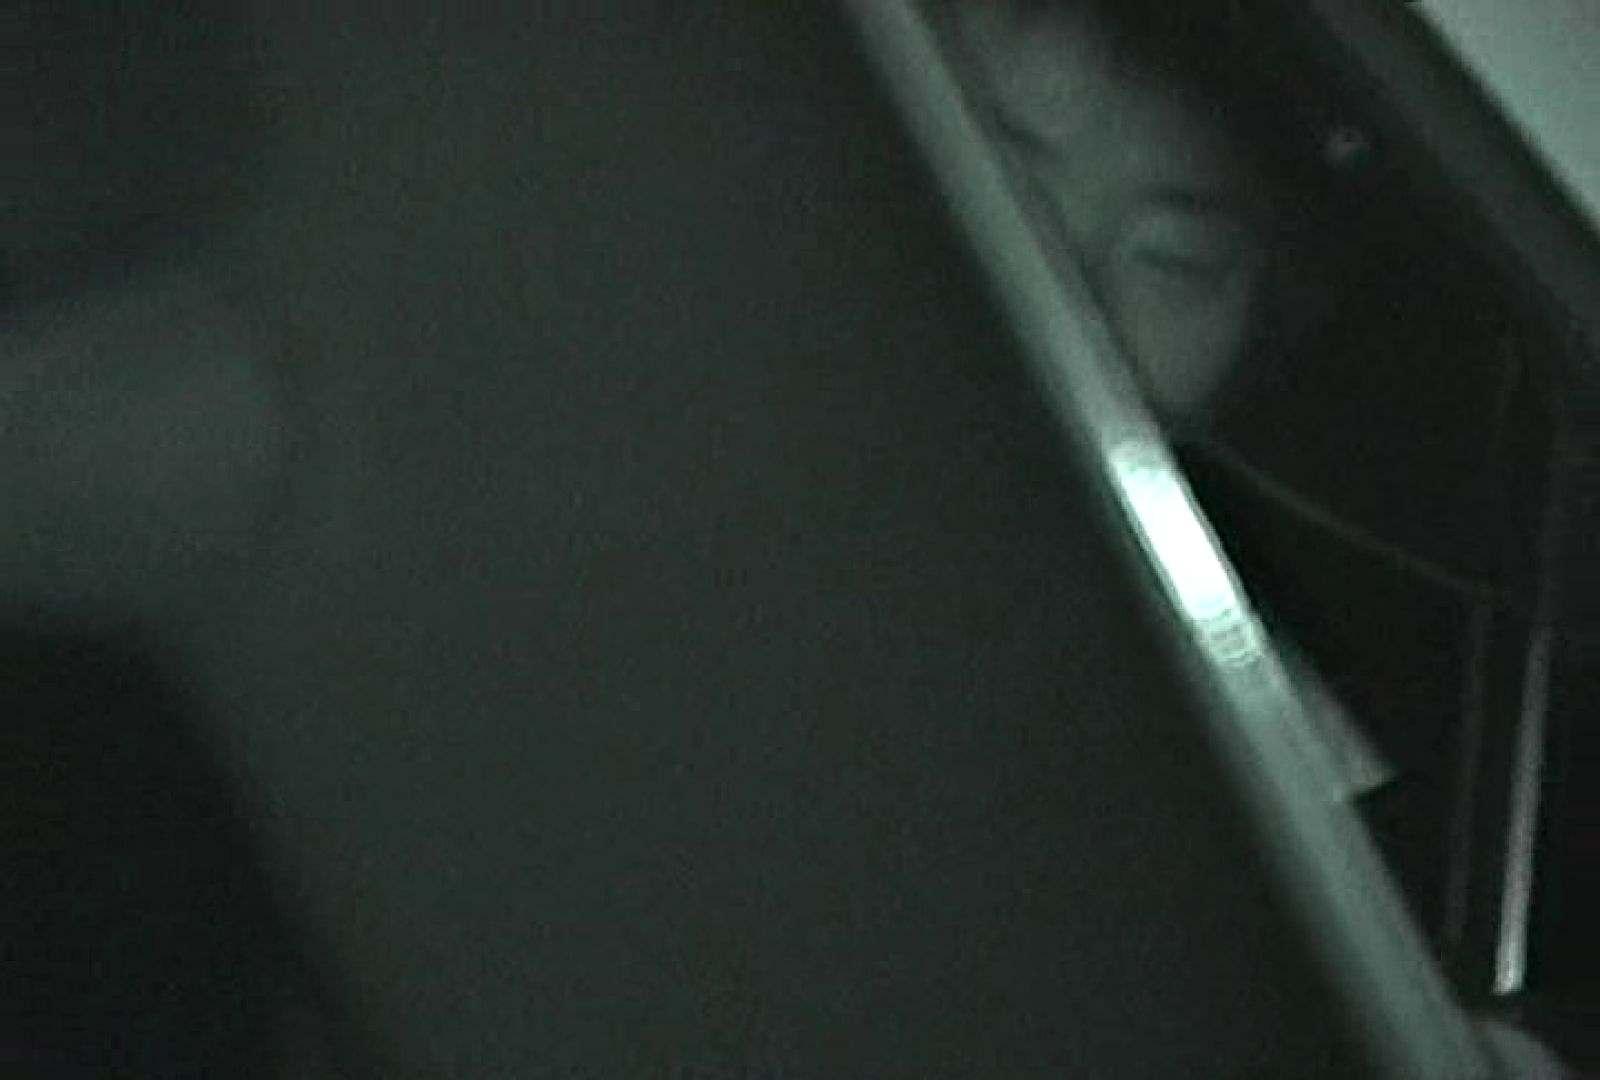 充血監督の深夜の運動会Vol.72 ギャルのエロ動画 | エロティックなOL  64画像 37